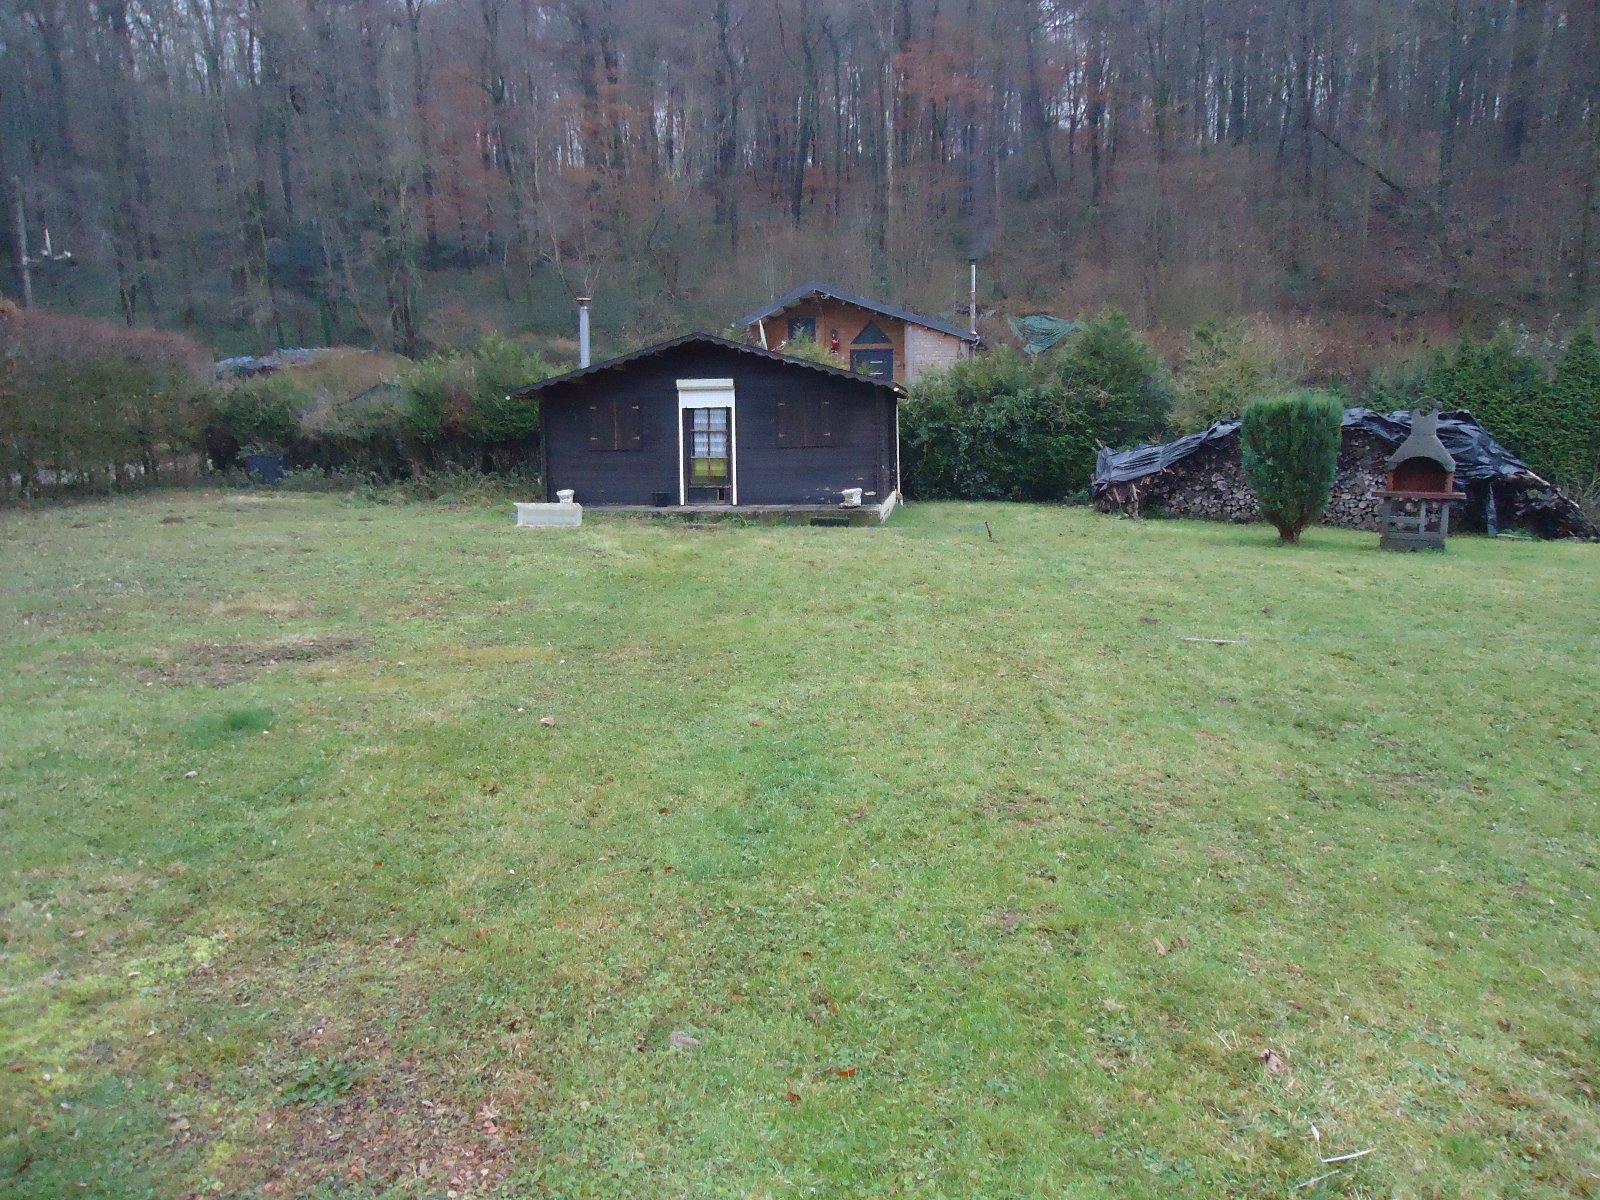 Vente maison/villa 1 pièces rebreuve sur canche 62270